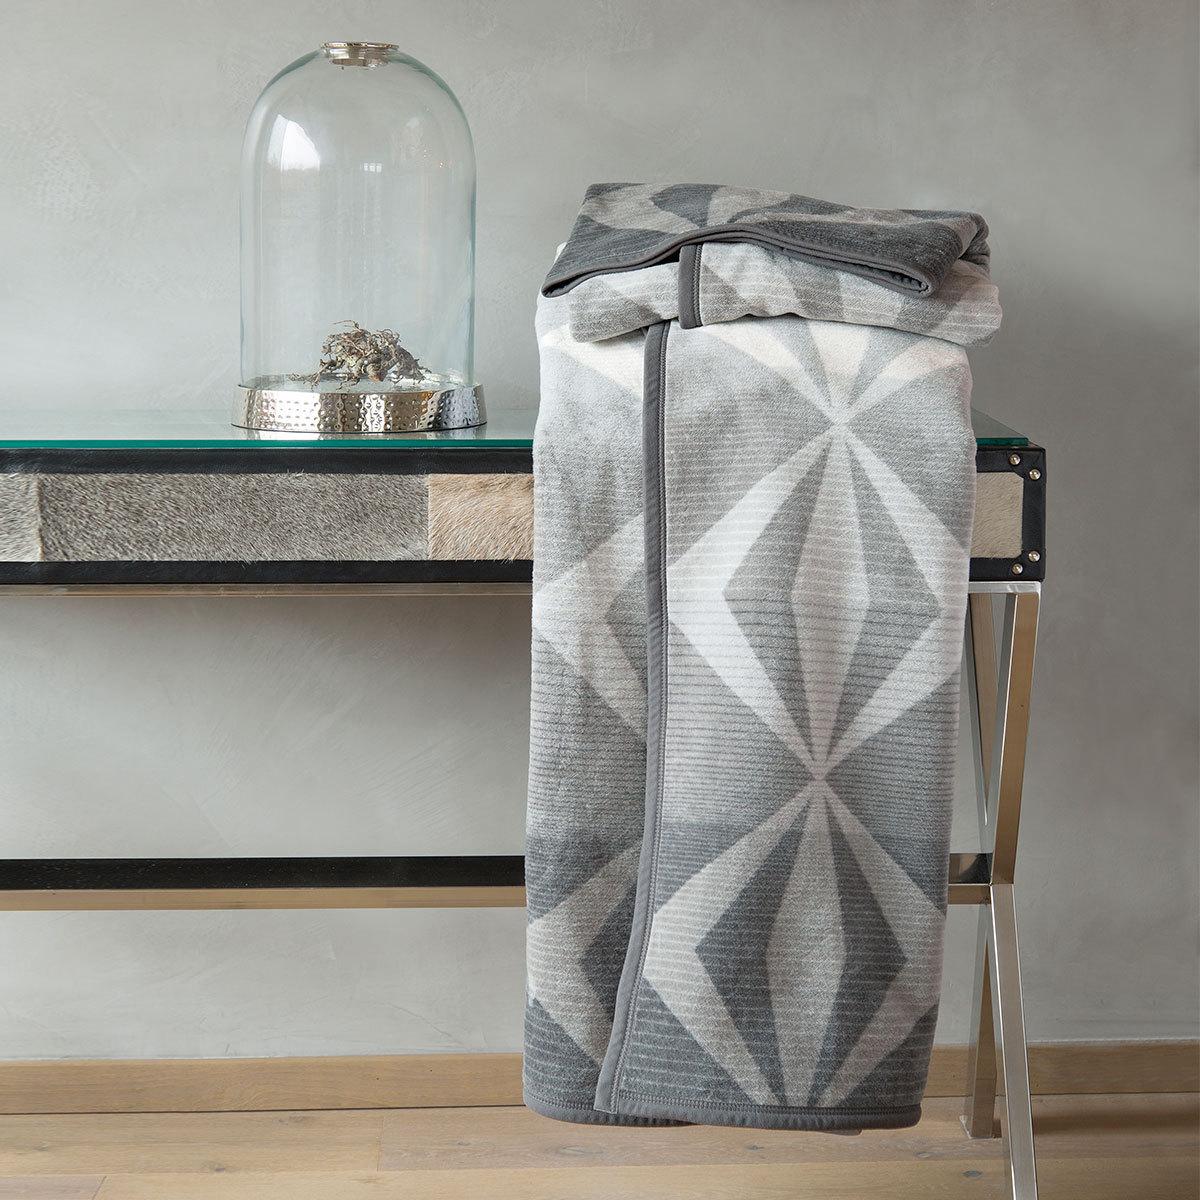 ibena jacquard wohndecke salvan grau g nstig online kaufen bei bettwaren shop. Black Bedroom Furniture Sets. Home Design Ideas